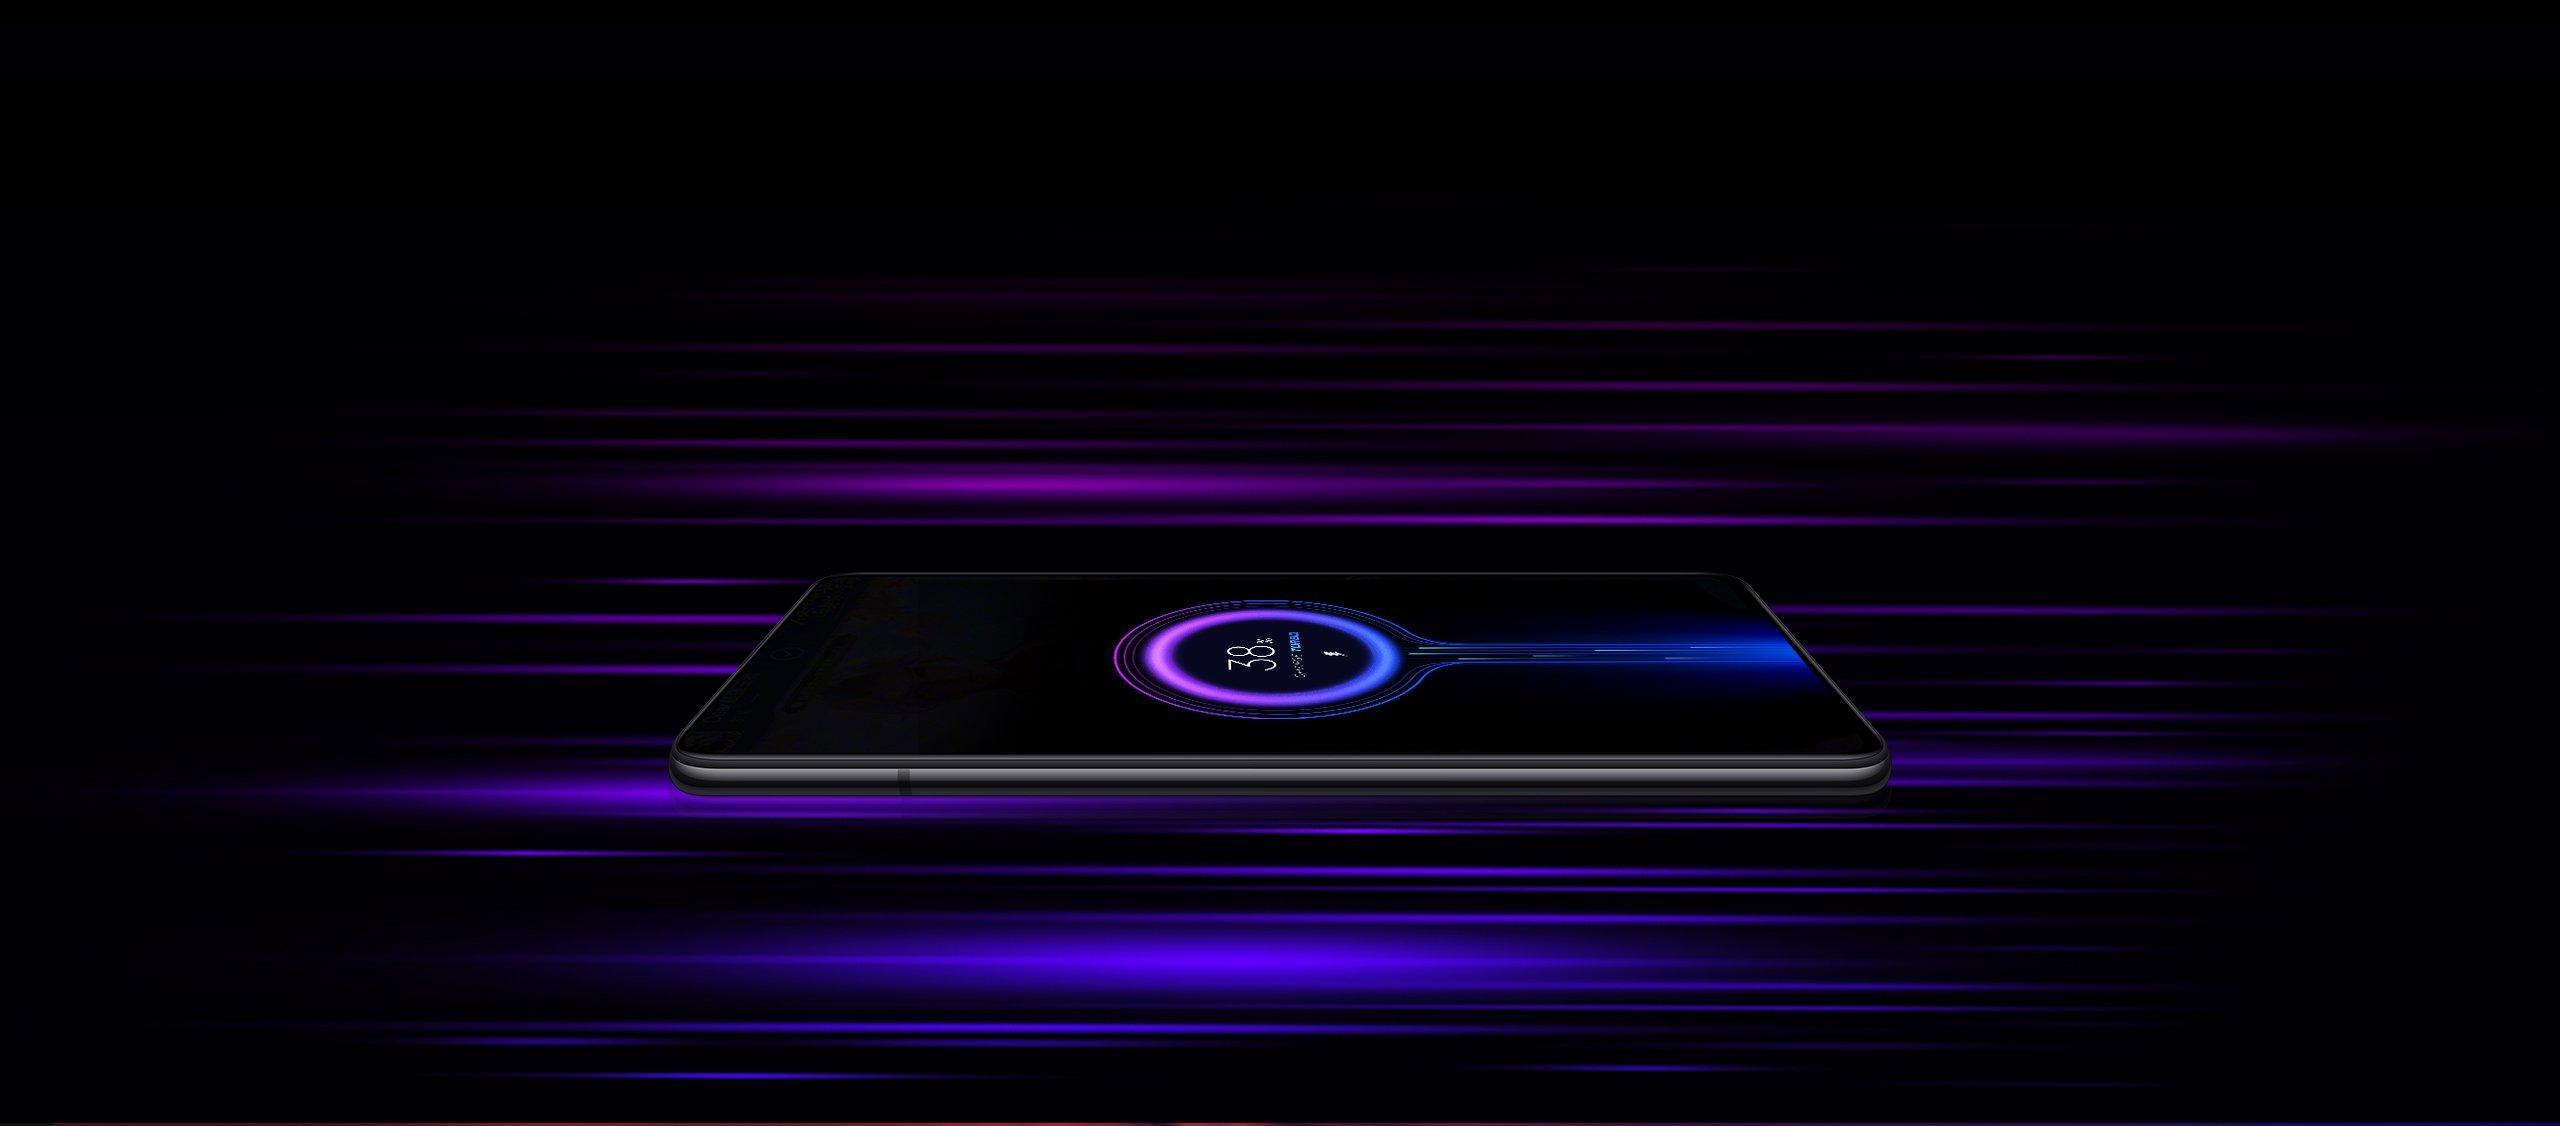 مشخصات و قیمت گوشی موبایل شیائومی مدل Mi 9T Pro M1903F11G دو سیم کارت با ظرفیت 128 گیگابایت